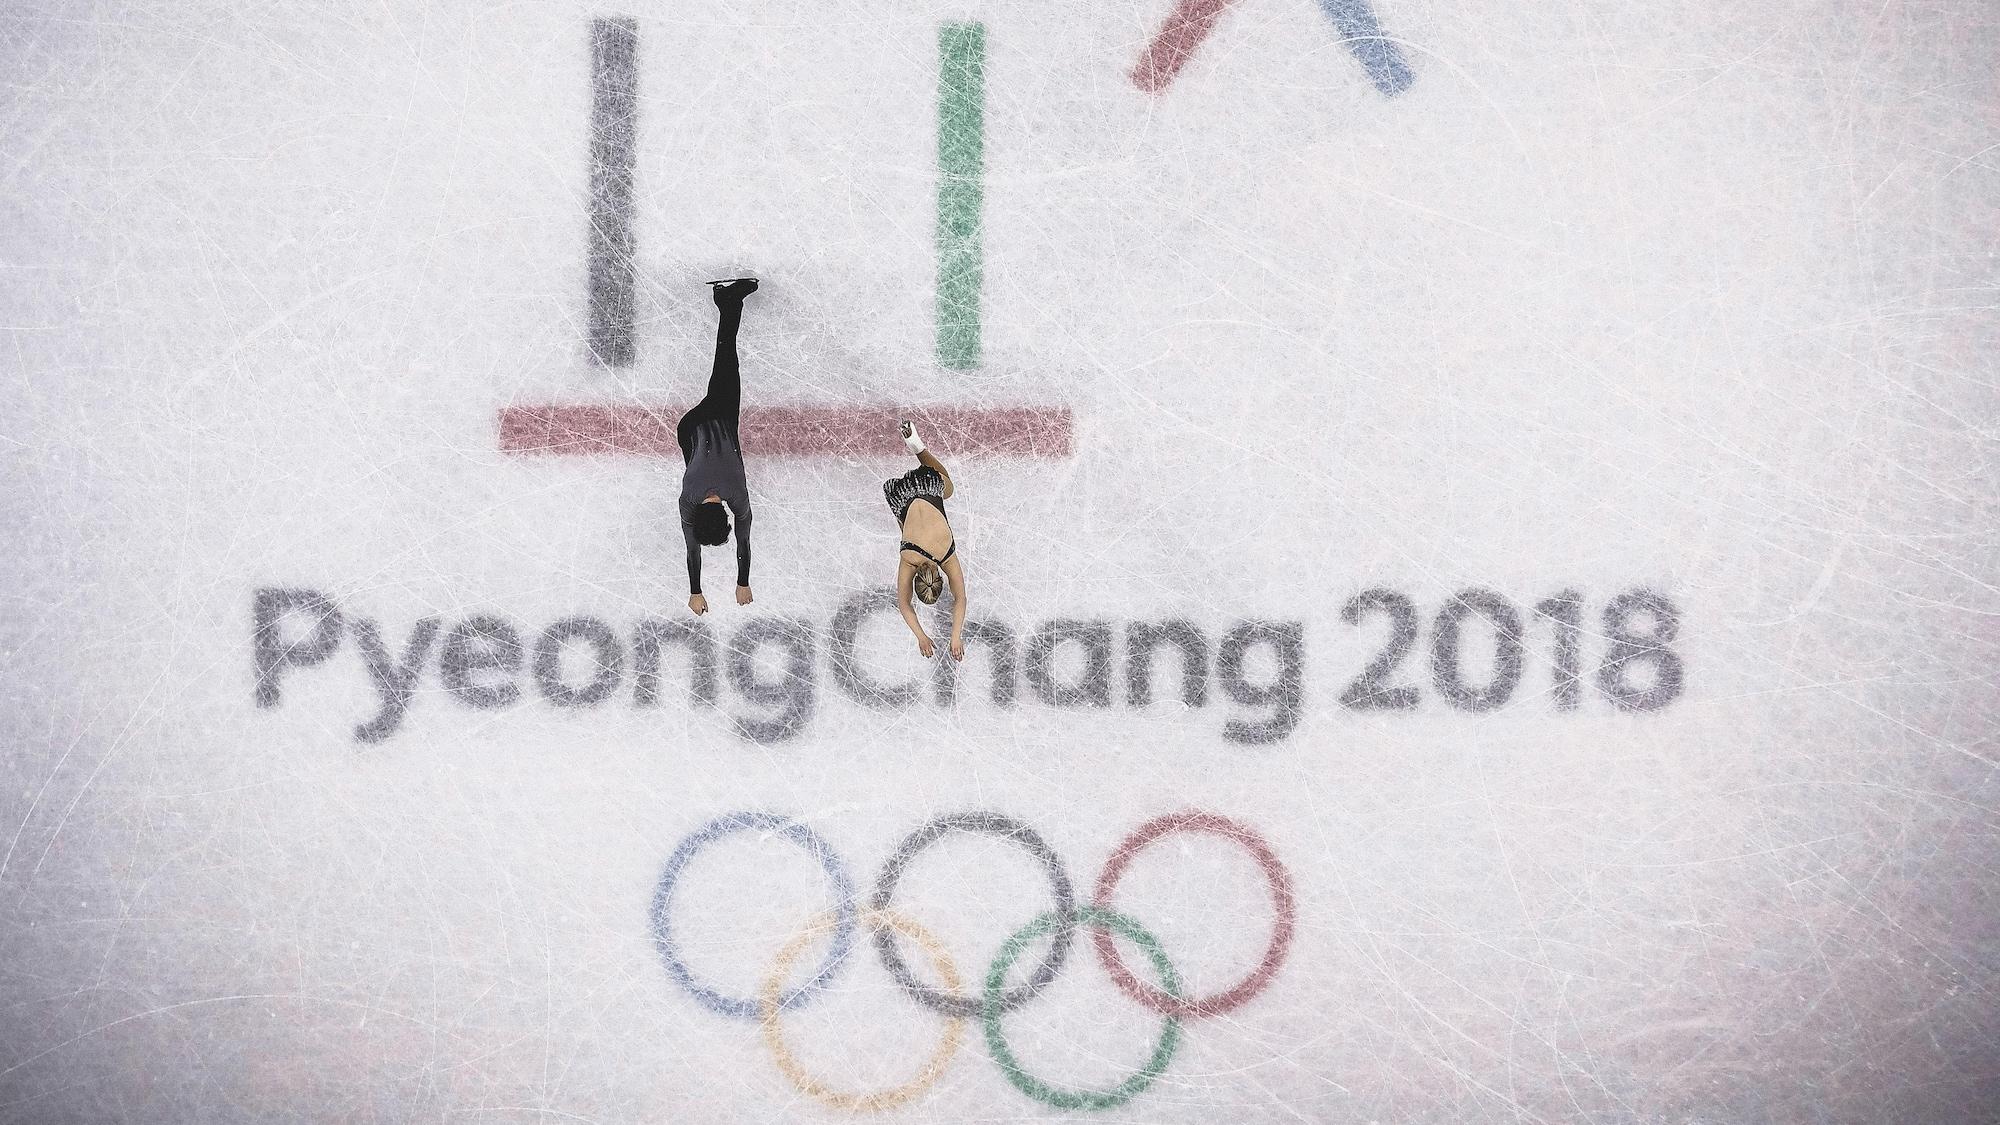 Charlie Bilodeau et Julianne Ségiun patinent sur le logo des Jeux olympiques de Pyeongchang, au centre de la patinoire.